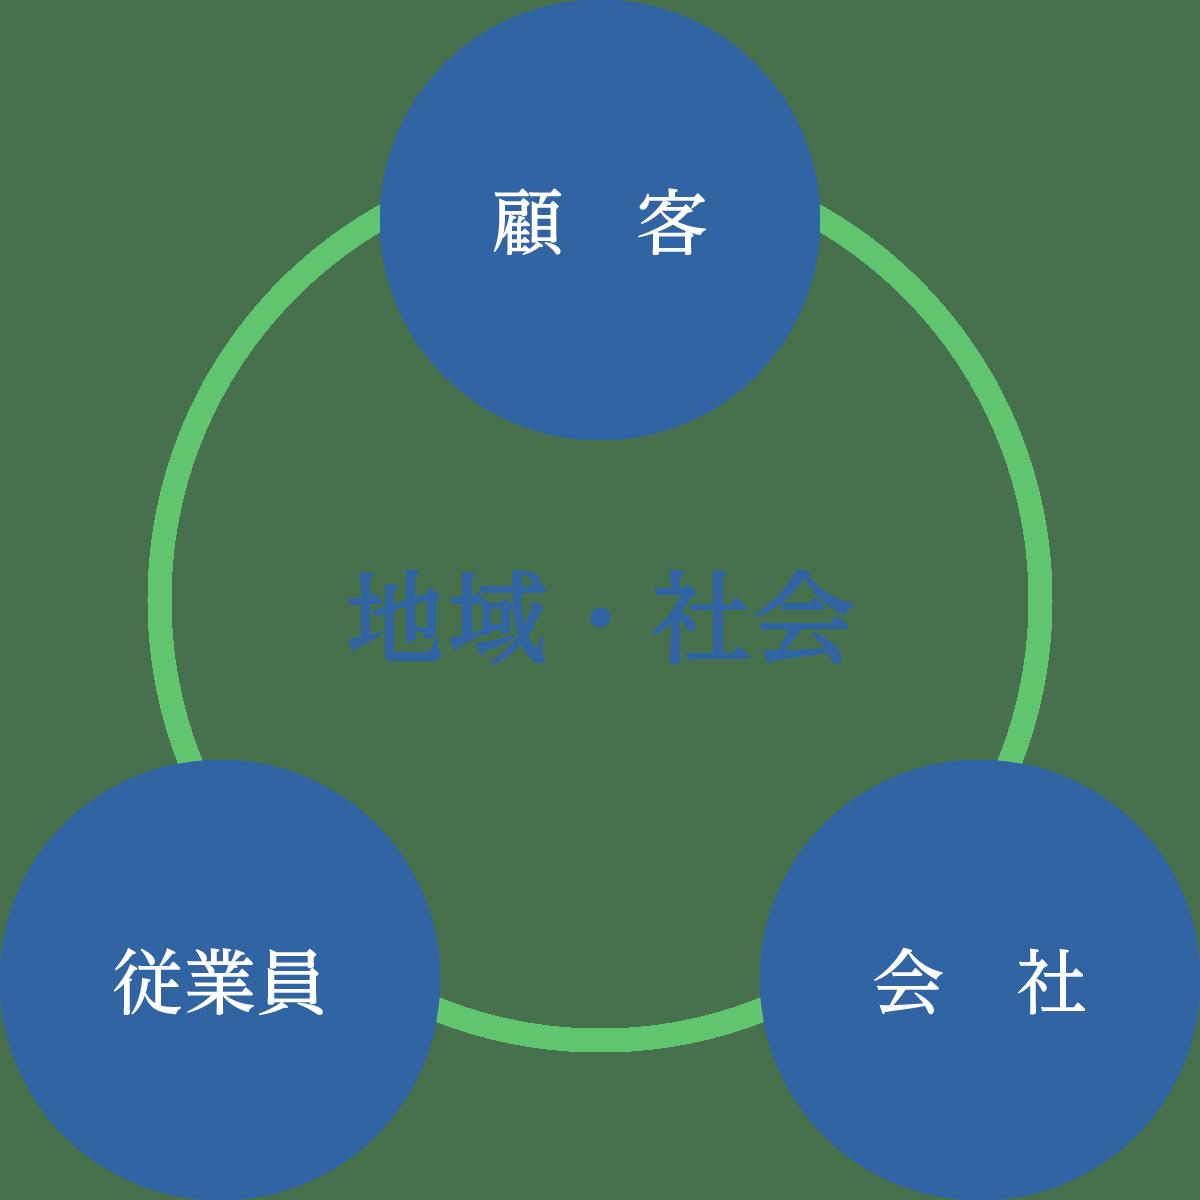 経営方針|大塚セラミックス株式会社